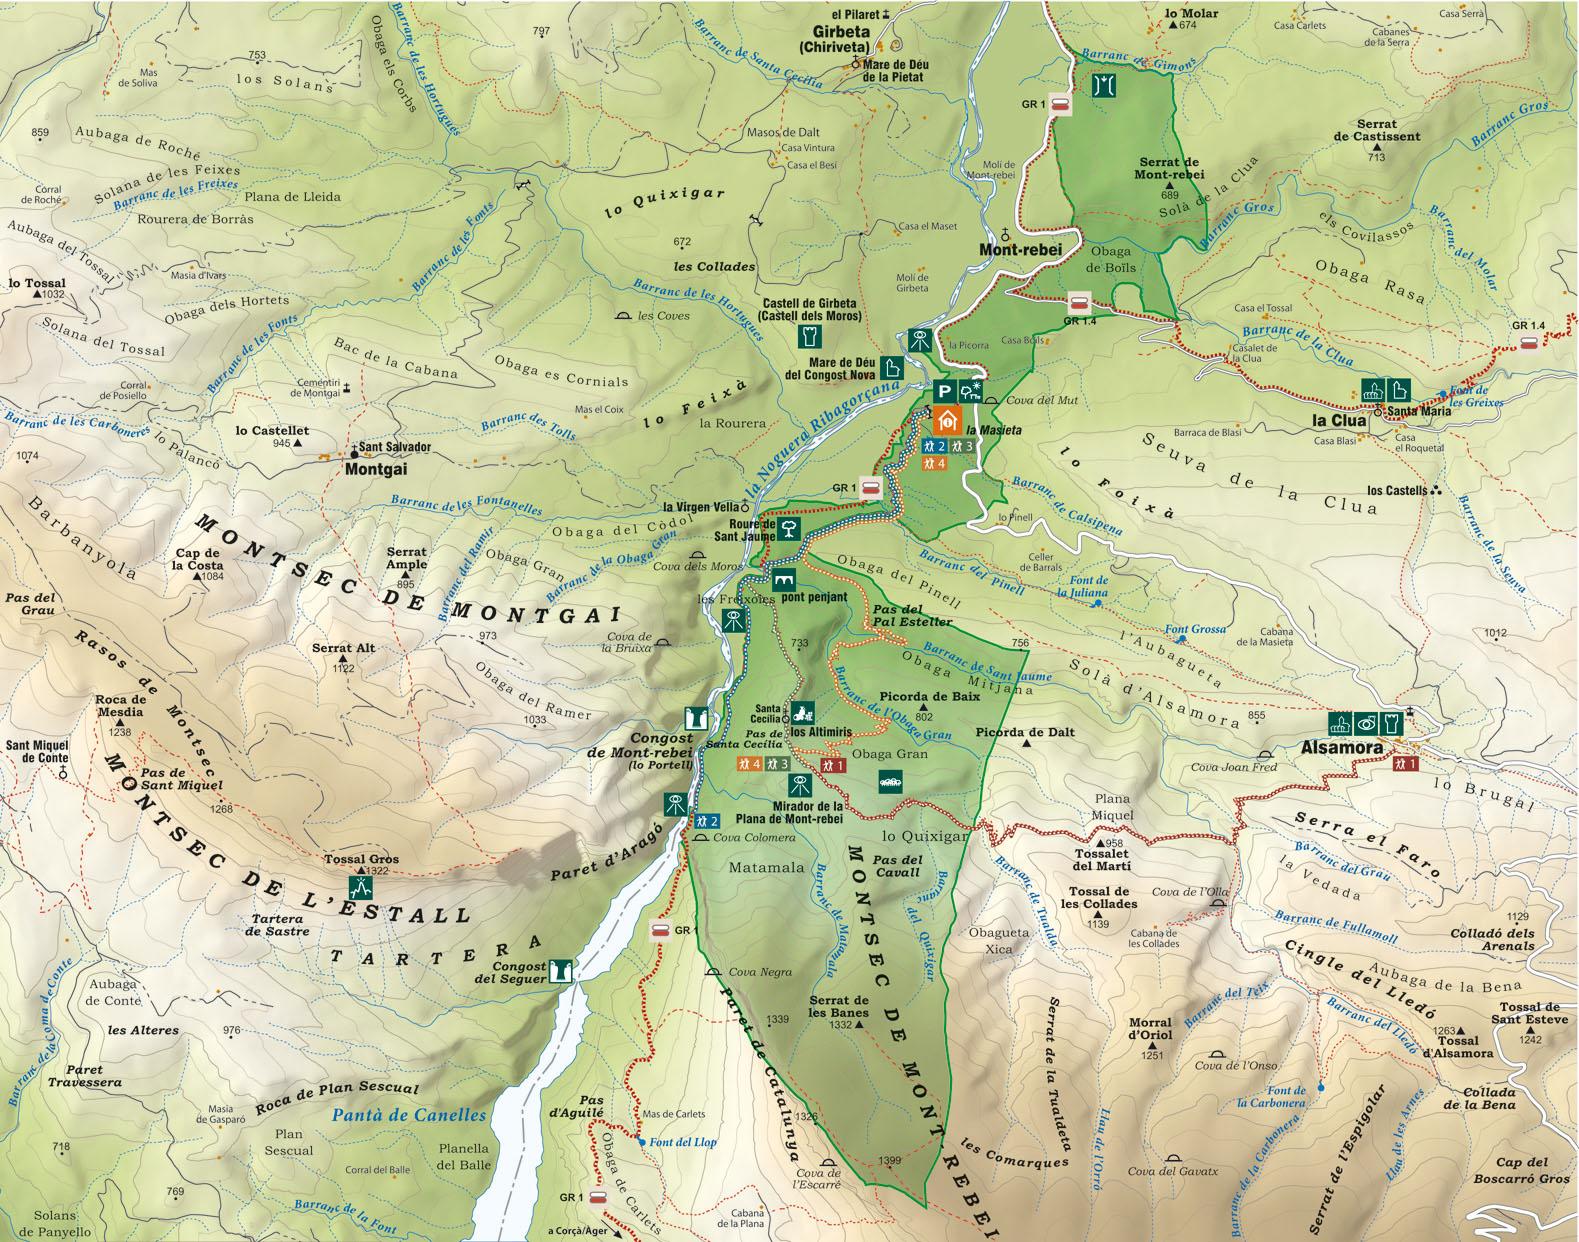 Mapa Mont - Rebei